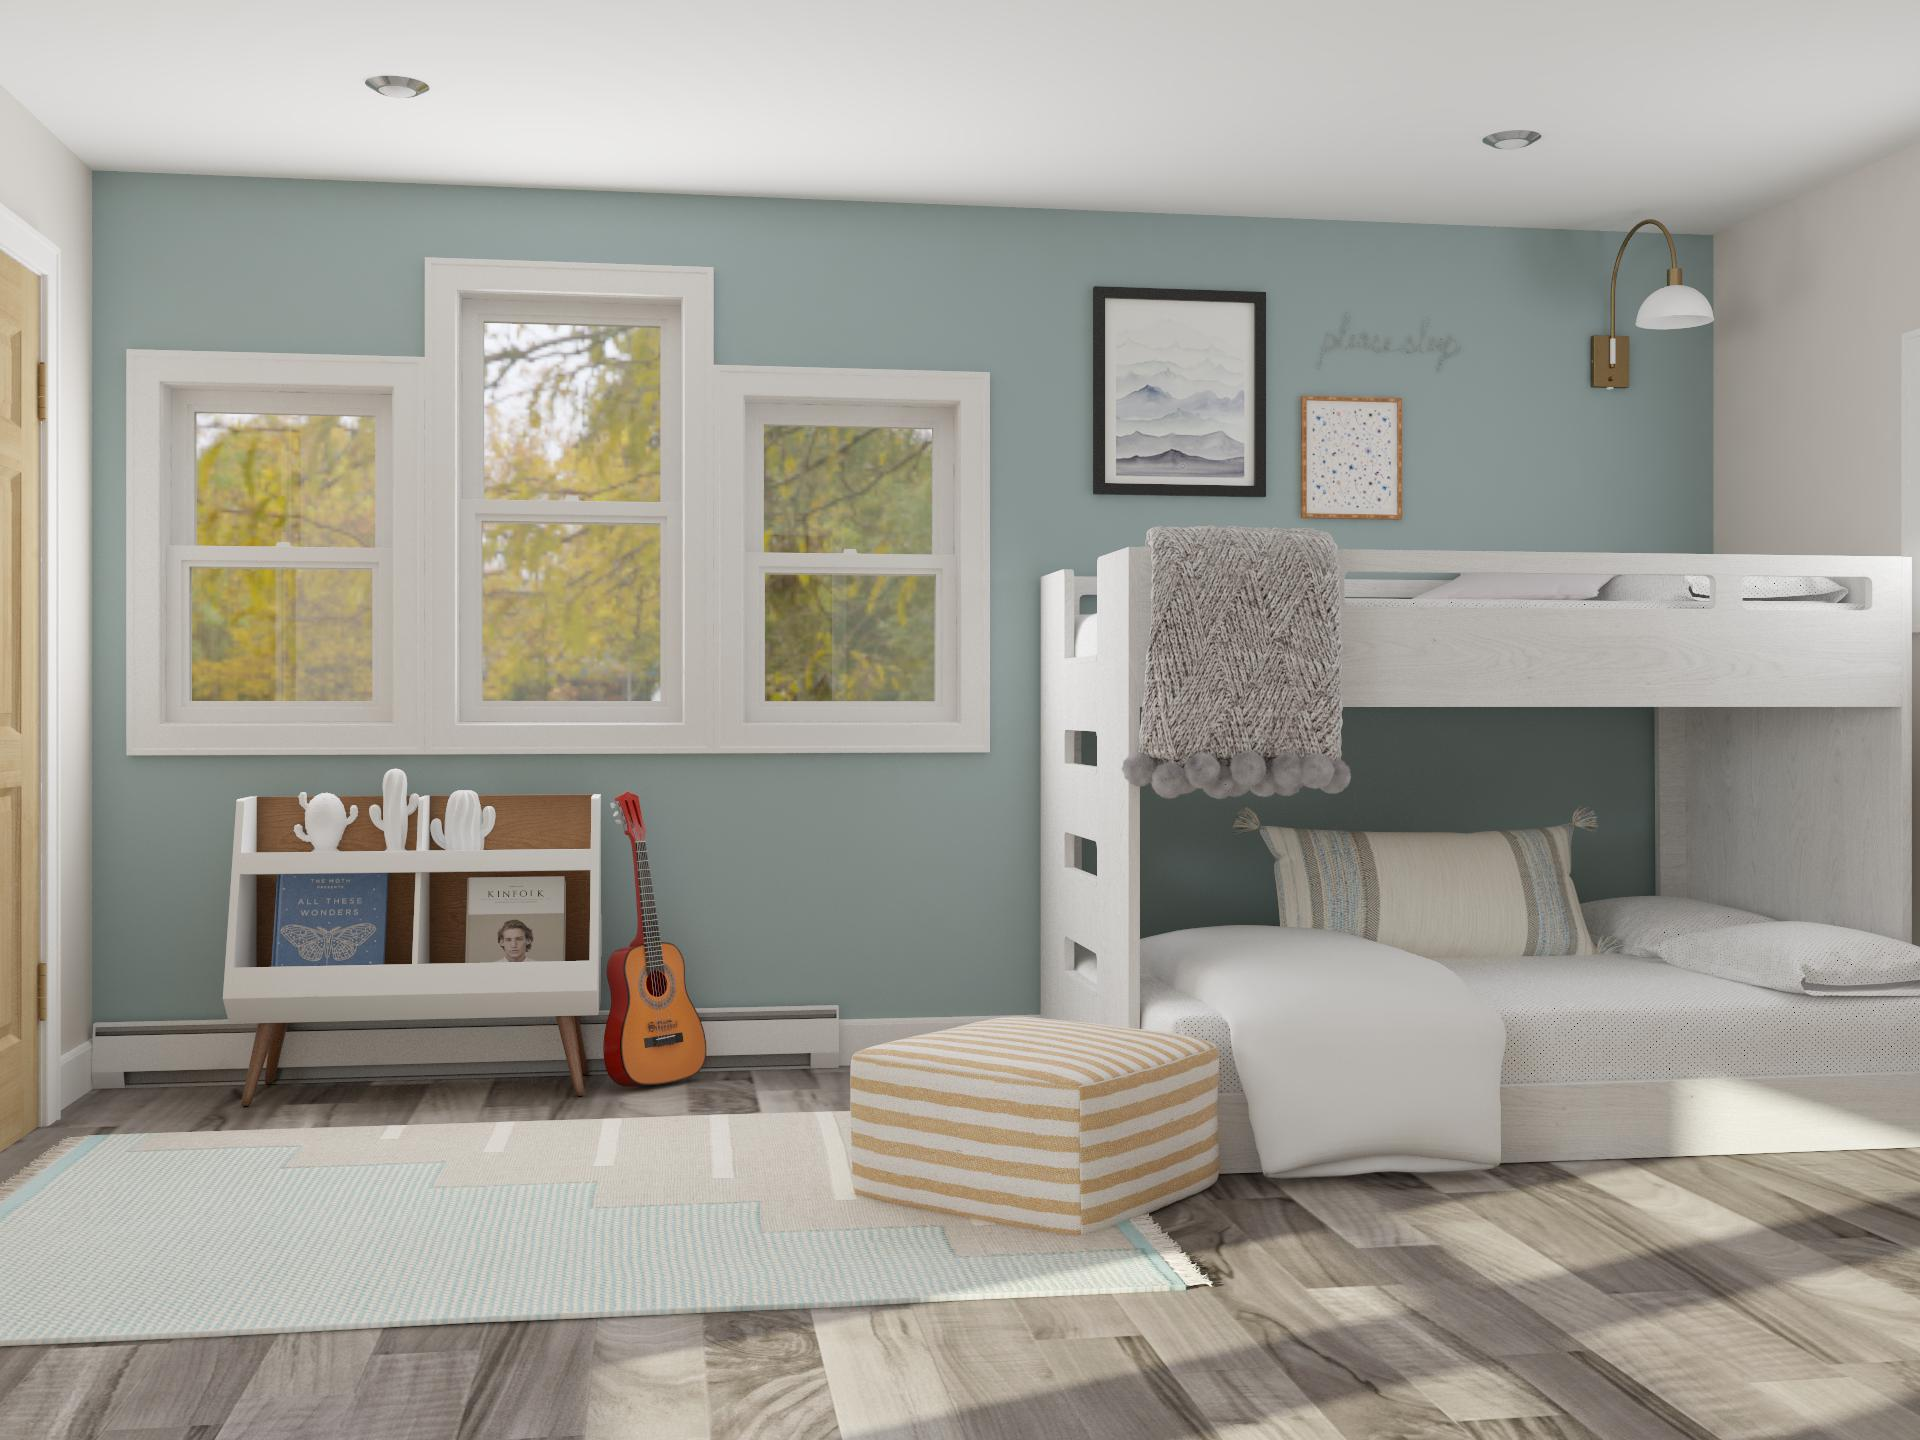 Cozy Bunk Beds In Modren Pastel Bedroom Modern Style Kids Room Design Ideas